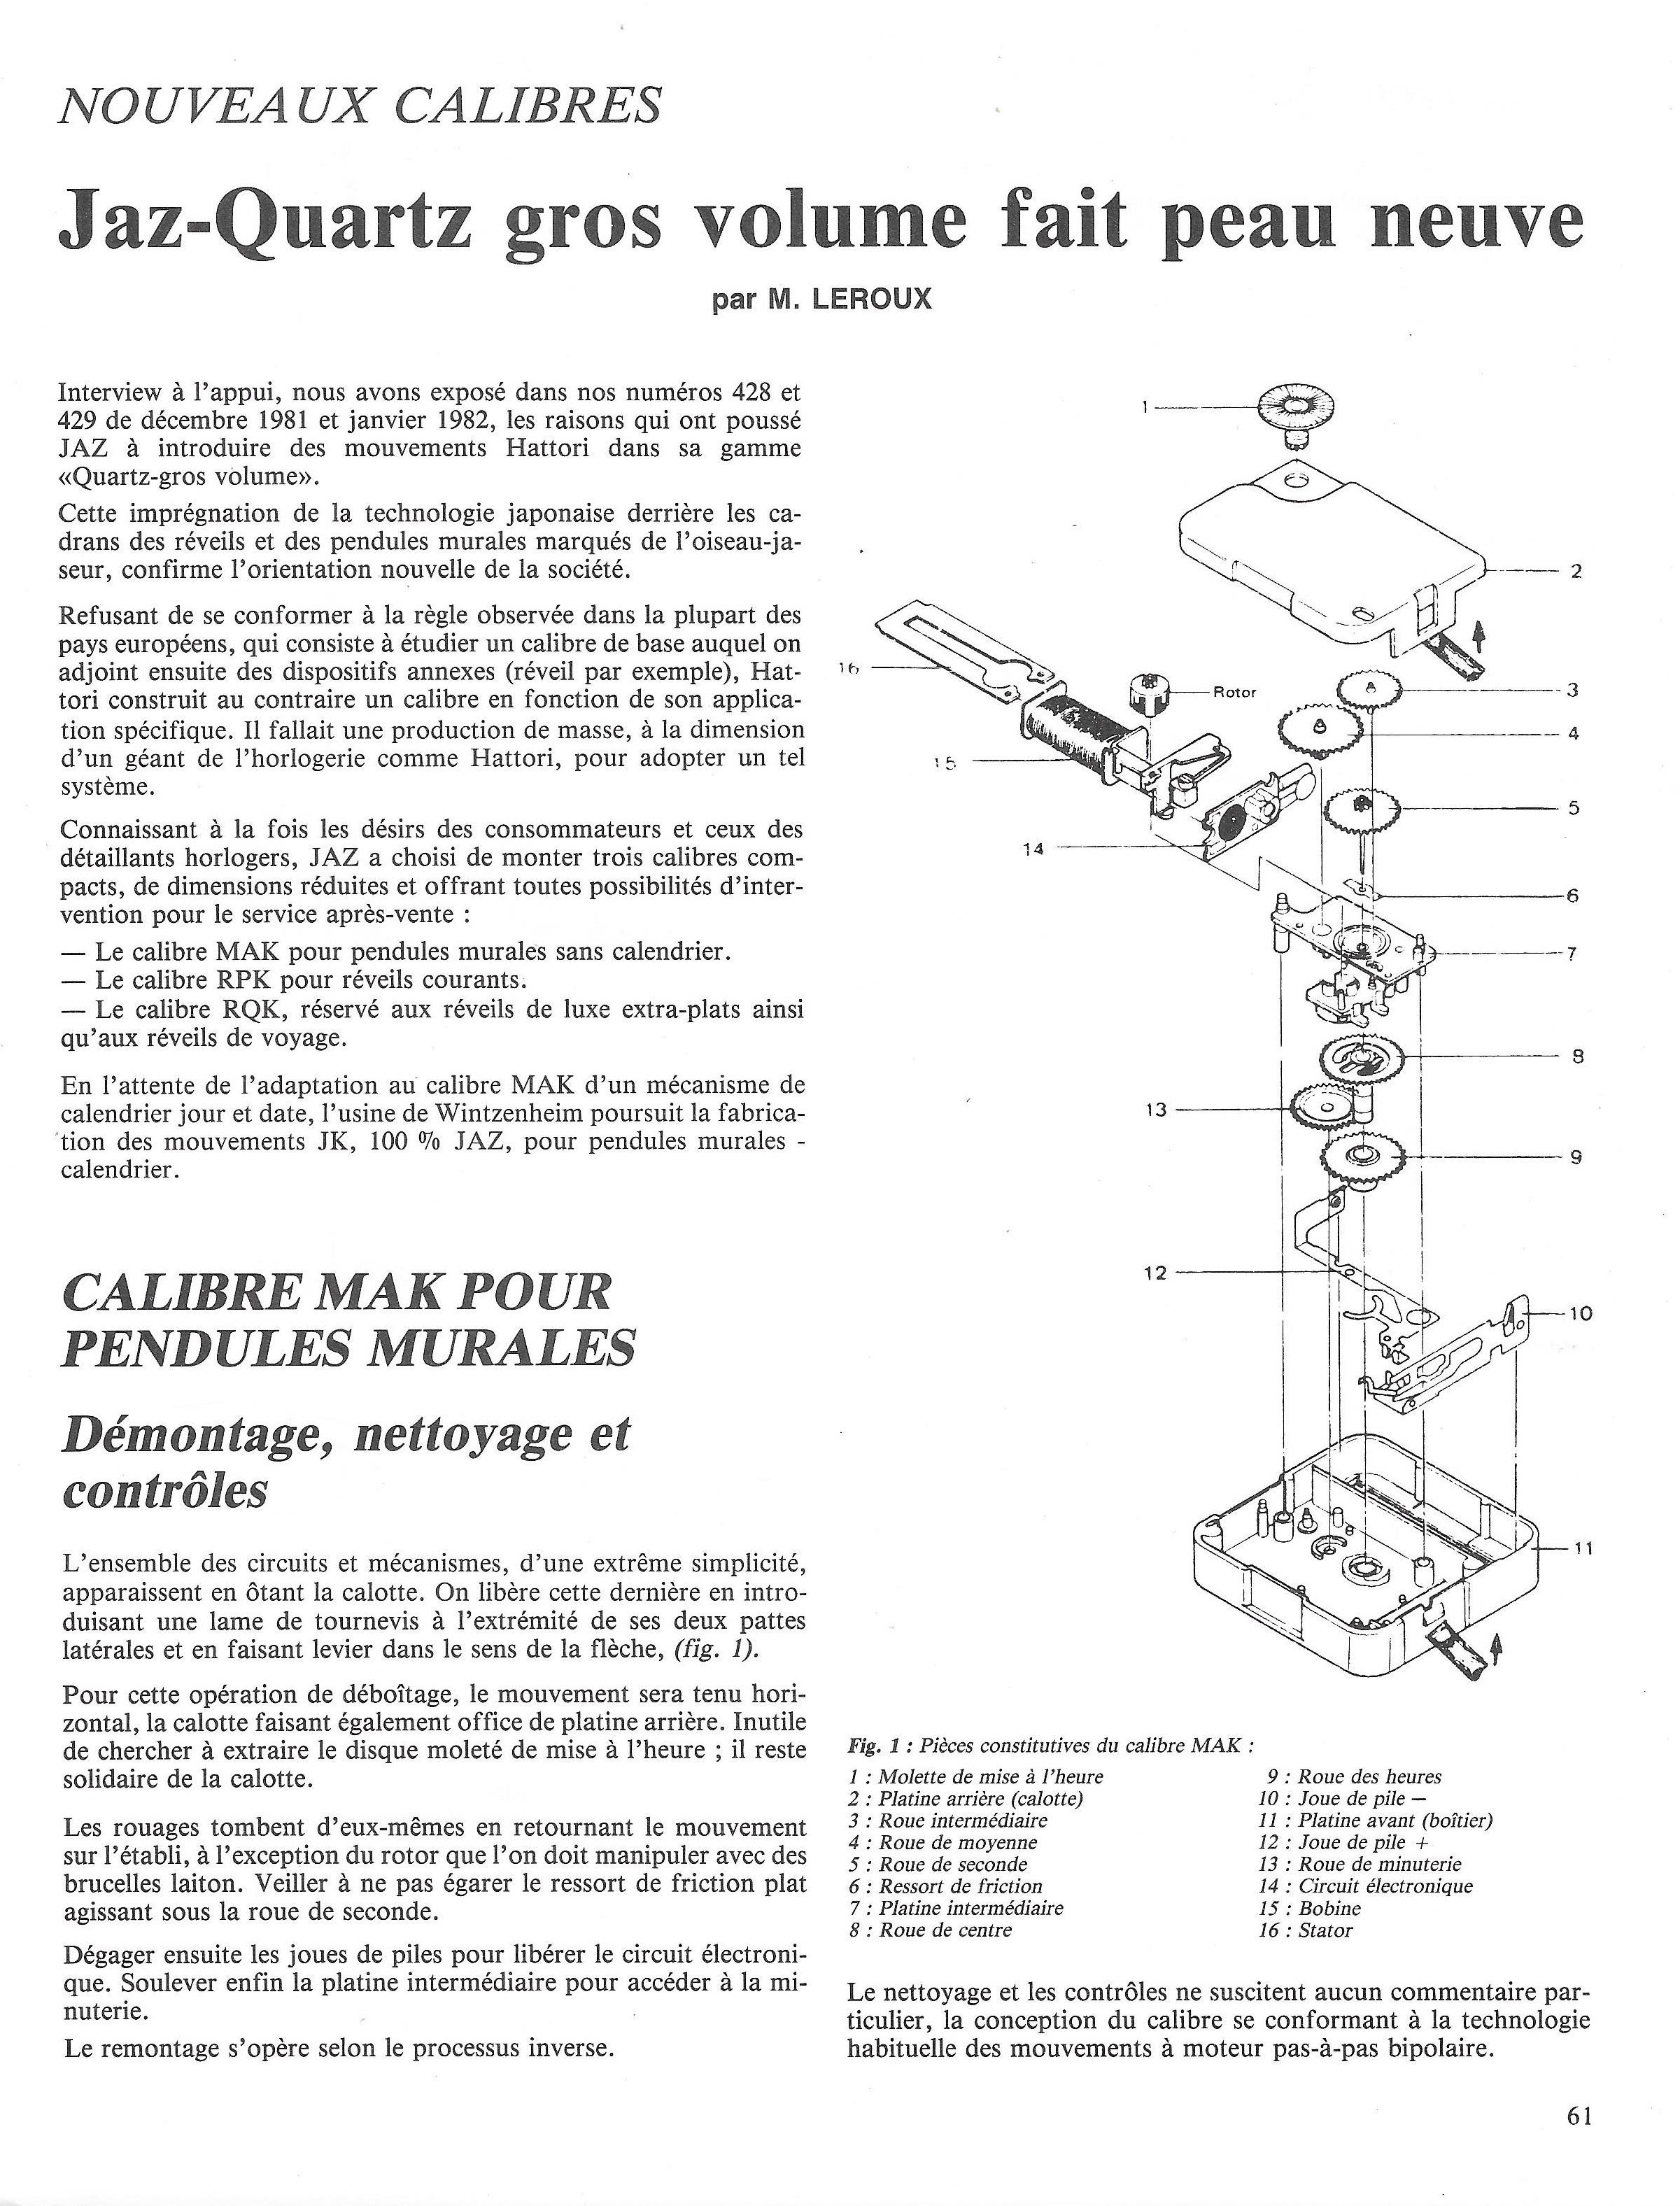 La France Horlogère  n°375 Février 1977 page 61.jpg